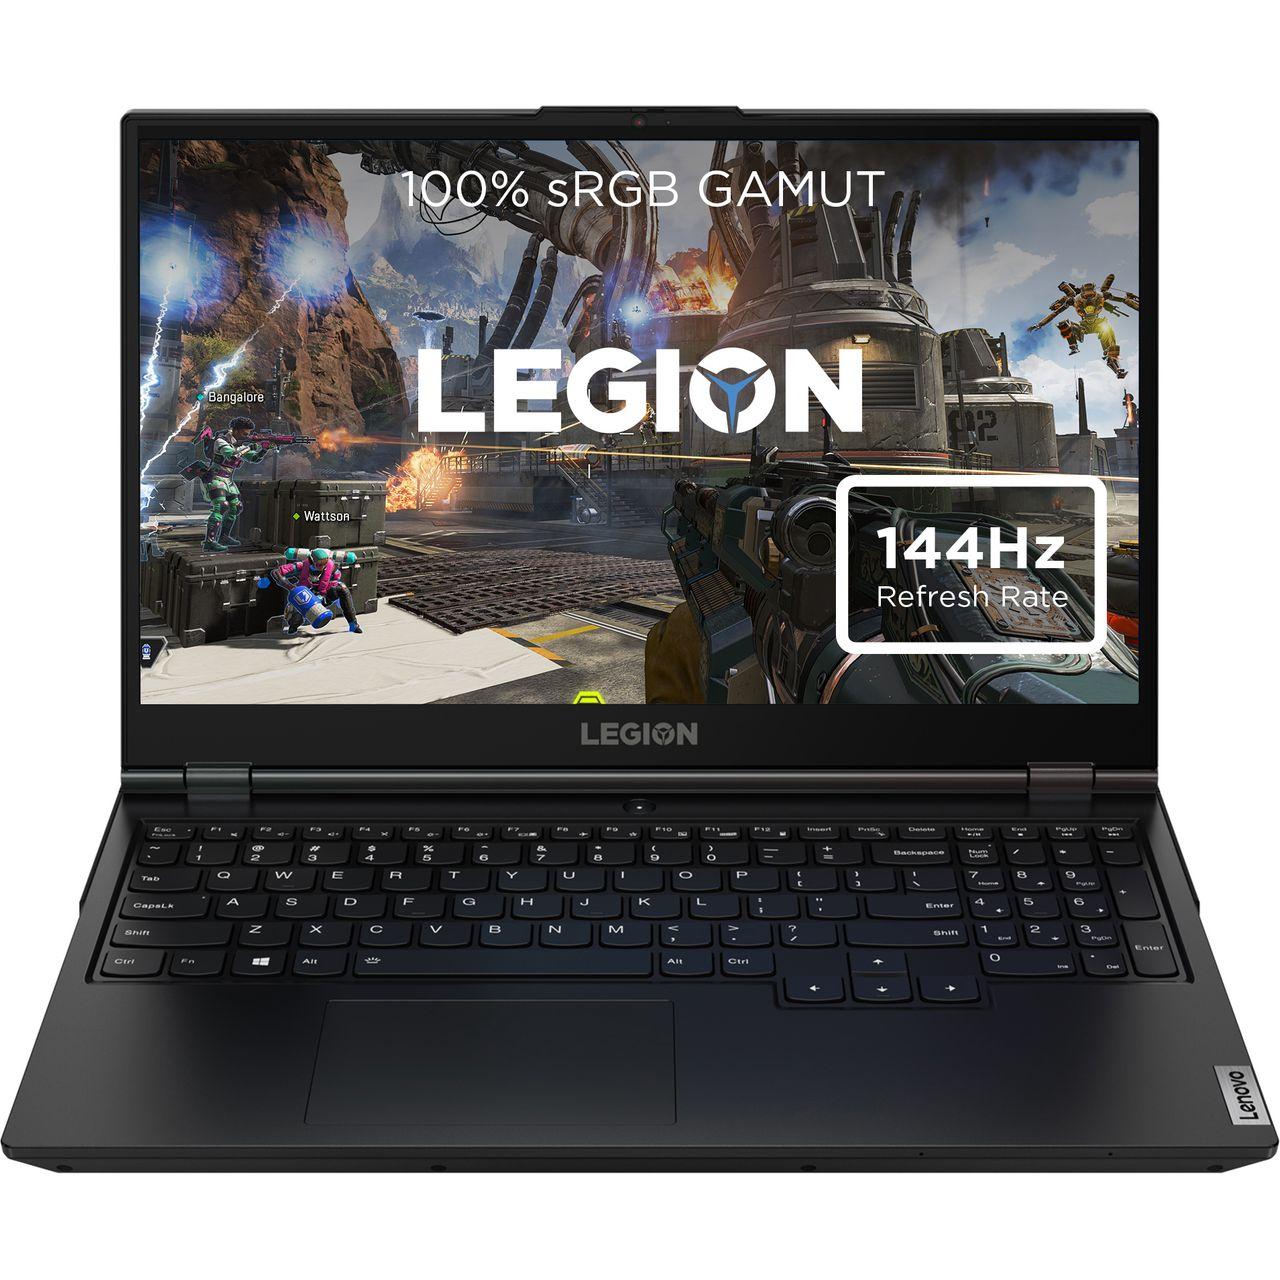 """Lenovo Legion 5 15.6"""" Gaming Laptop, i5-10300H, RTX2060 - Phantom Black £809.10 delivered from ao.com @ AO"""